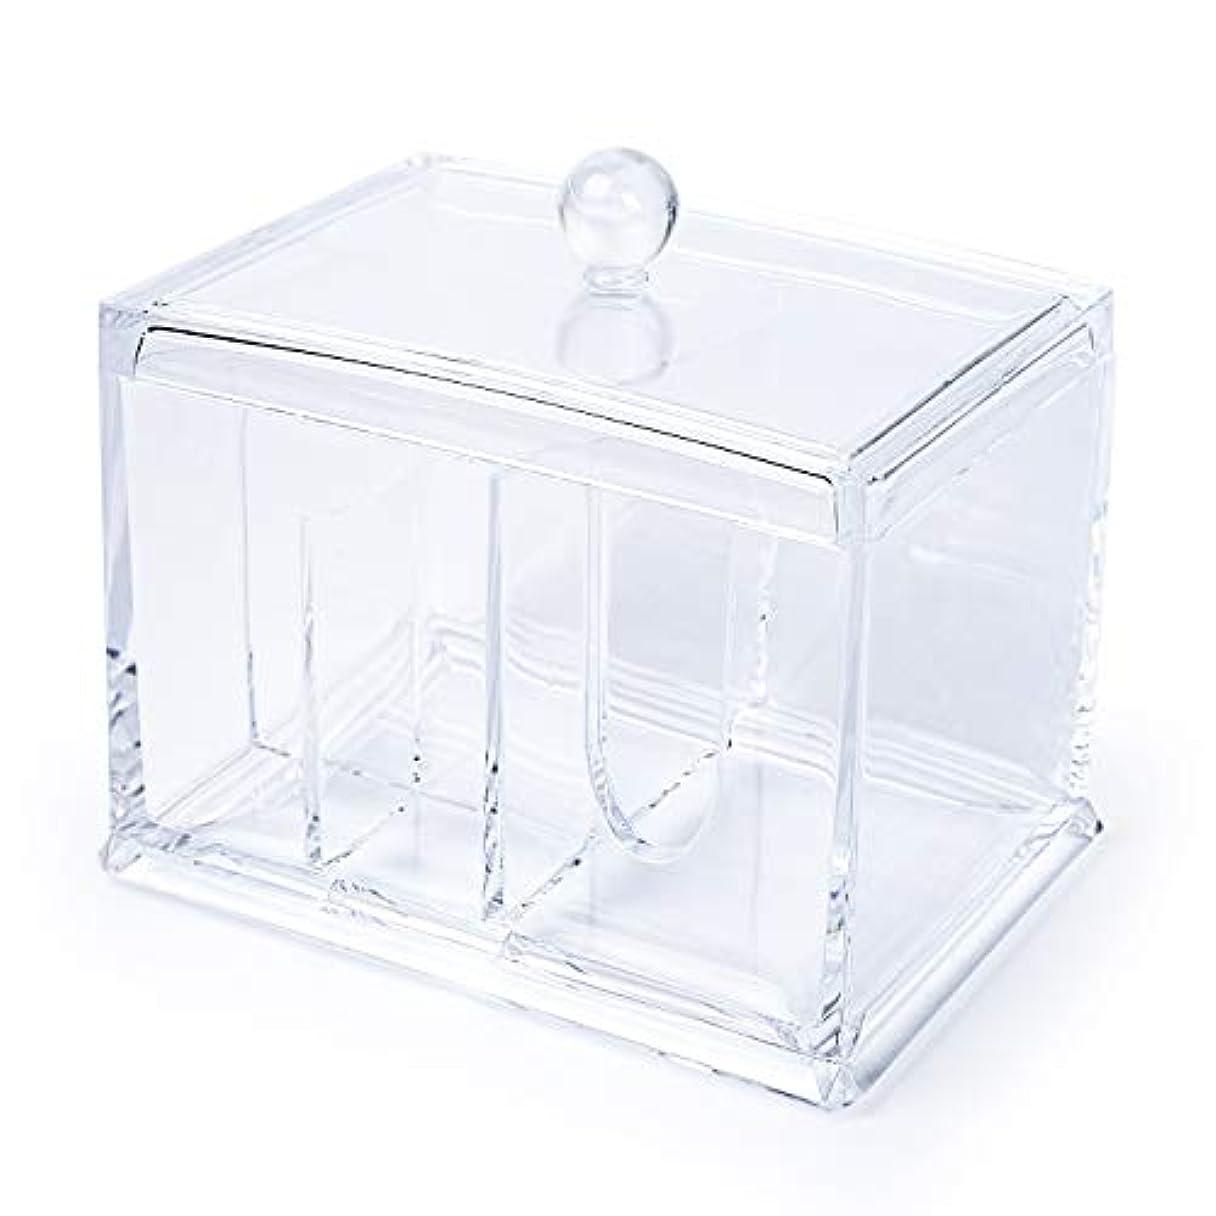 コインランドリー揺れる誰もELOKI 収納ボックス アクリルケース 収納ボックス 綿棒 小物?コスメ小物用品収納 ジュエリーボックス アクセサリー 透明 防塵?蓋付き アクリル製